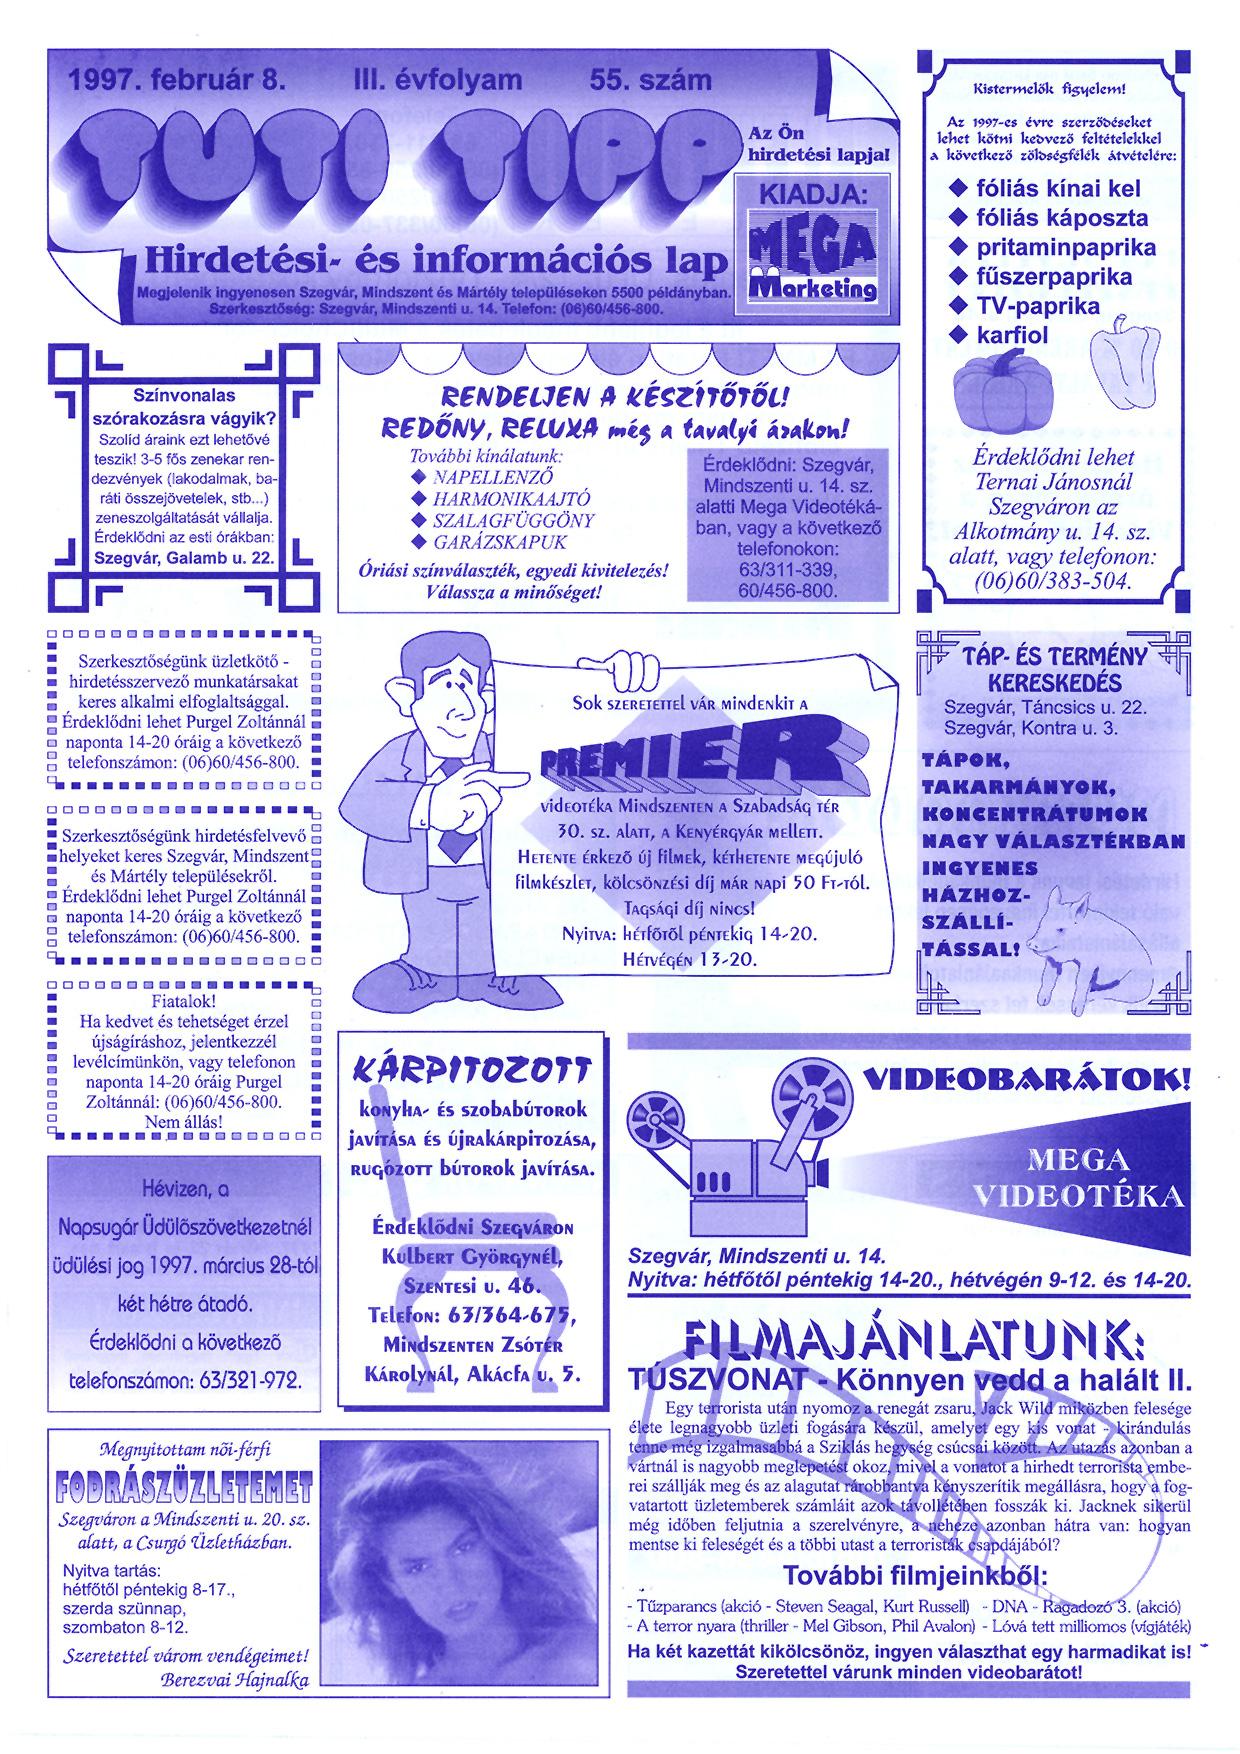 003 Tuti Tipp reklámújság - 19970208-055. lapszám - 1.oldal - III. évfolyam.jpg